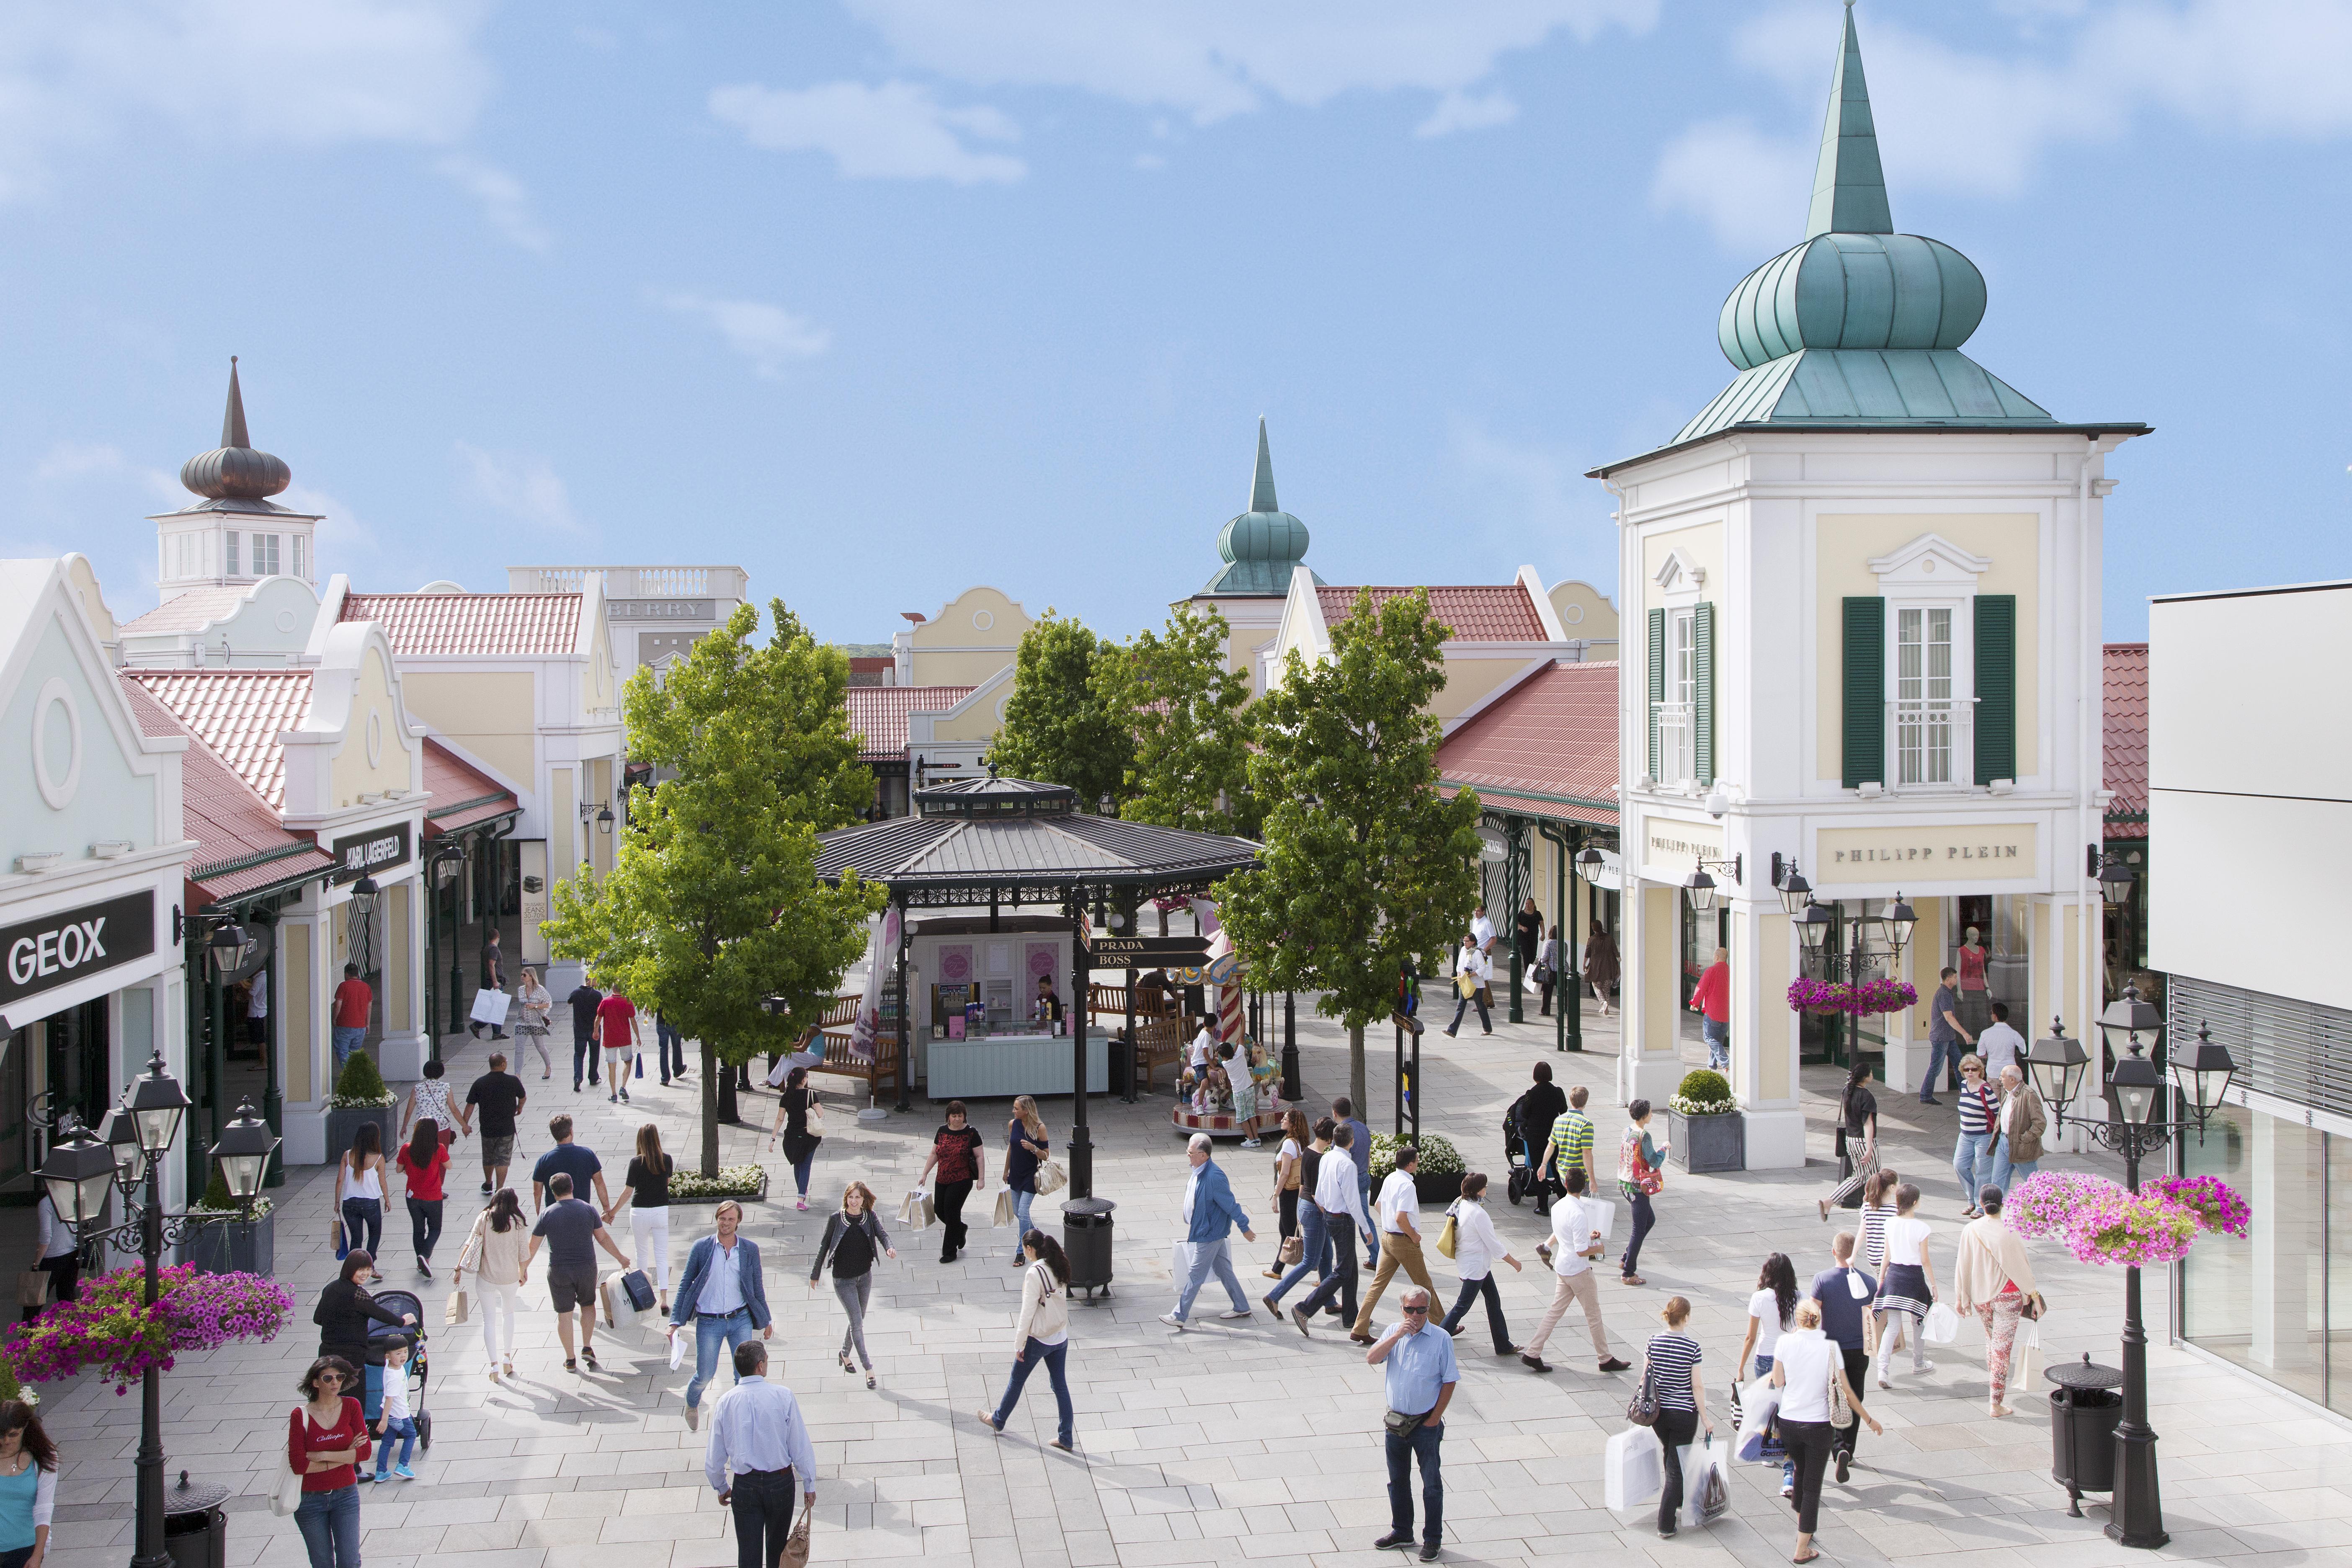 Daytrip: Strbske Pleso to Vienna Booking